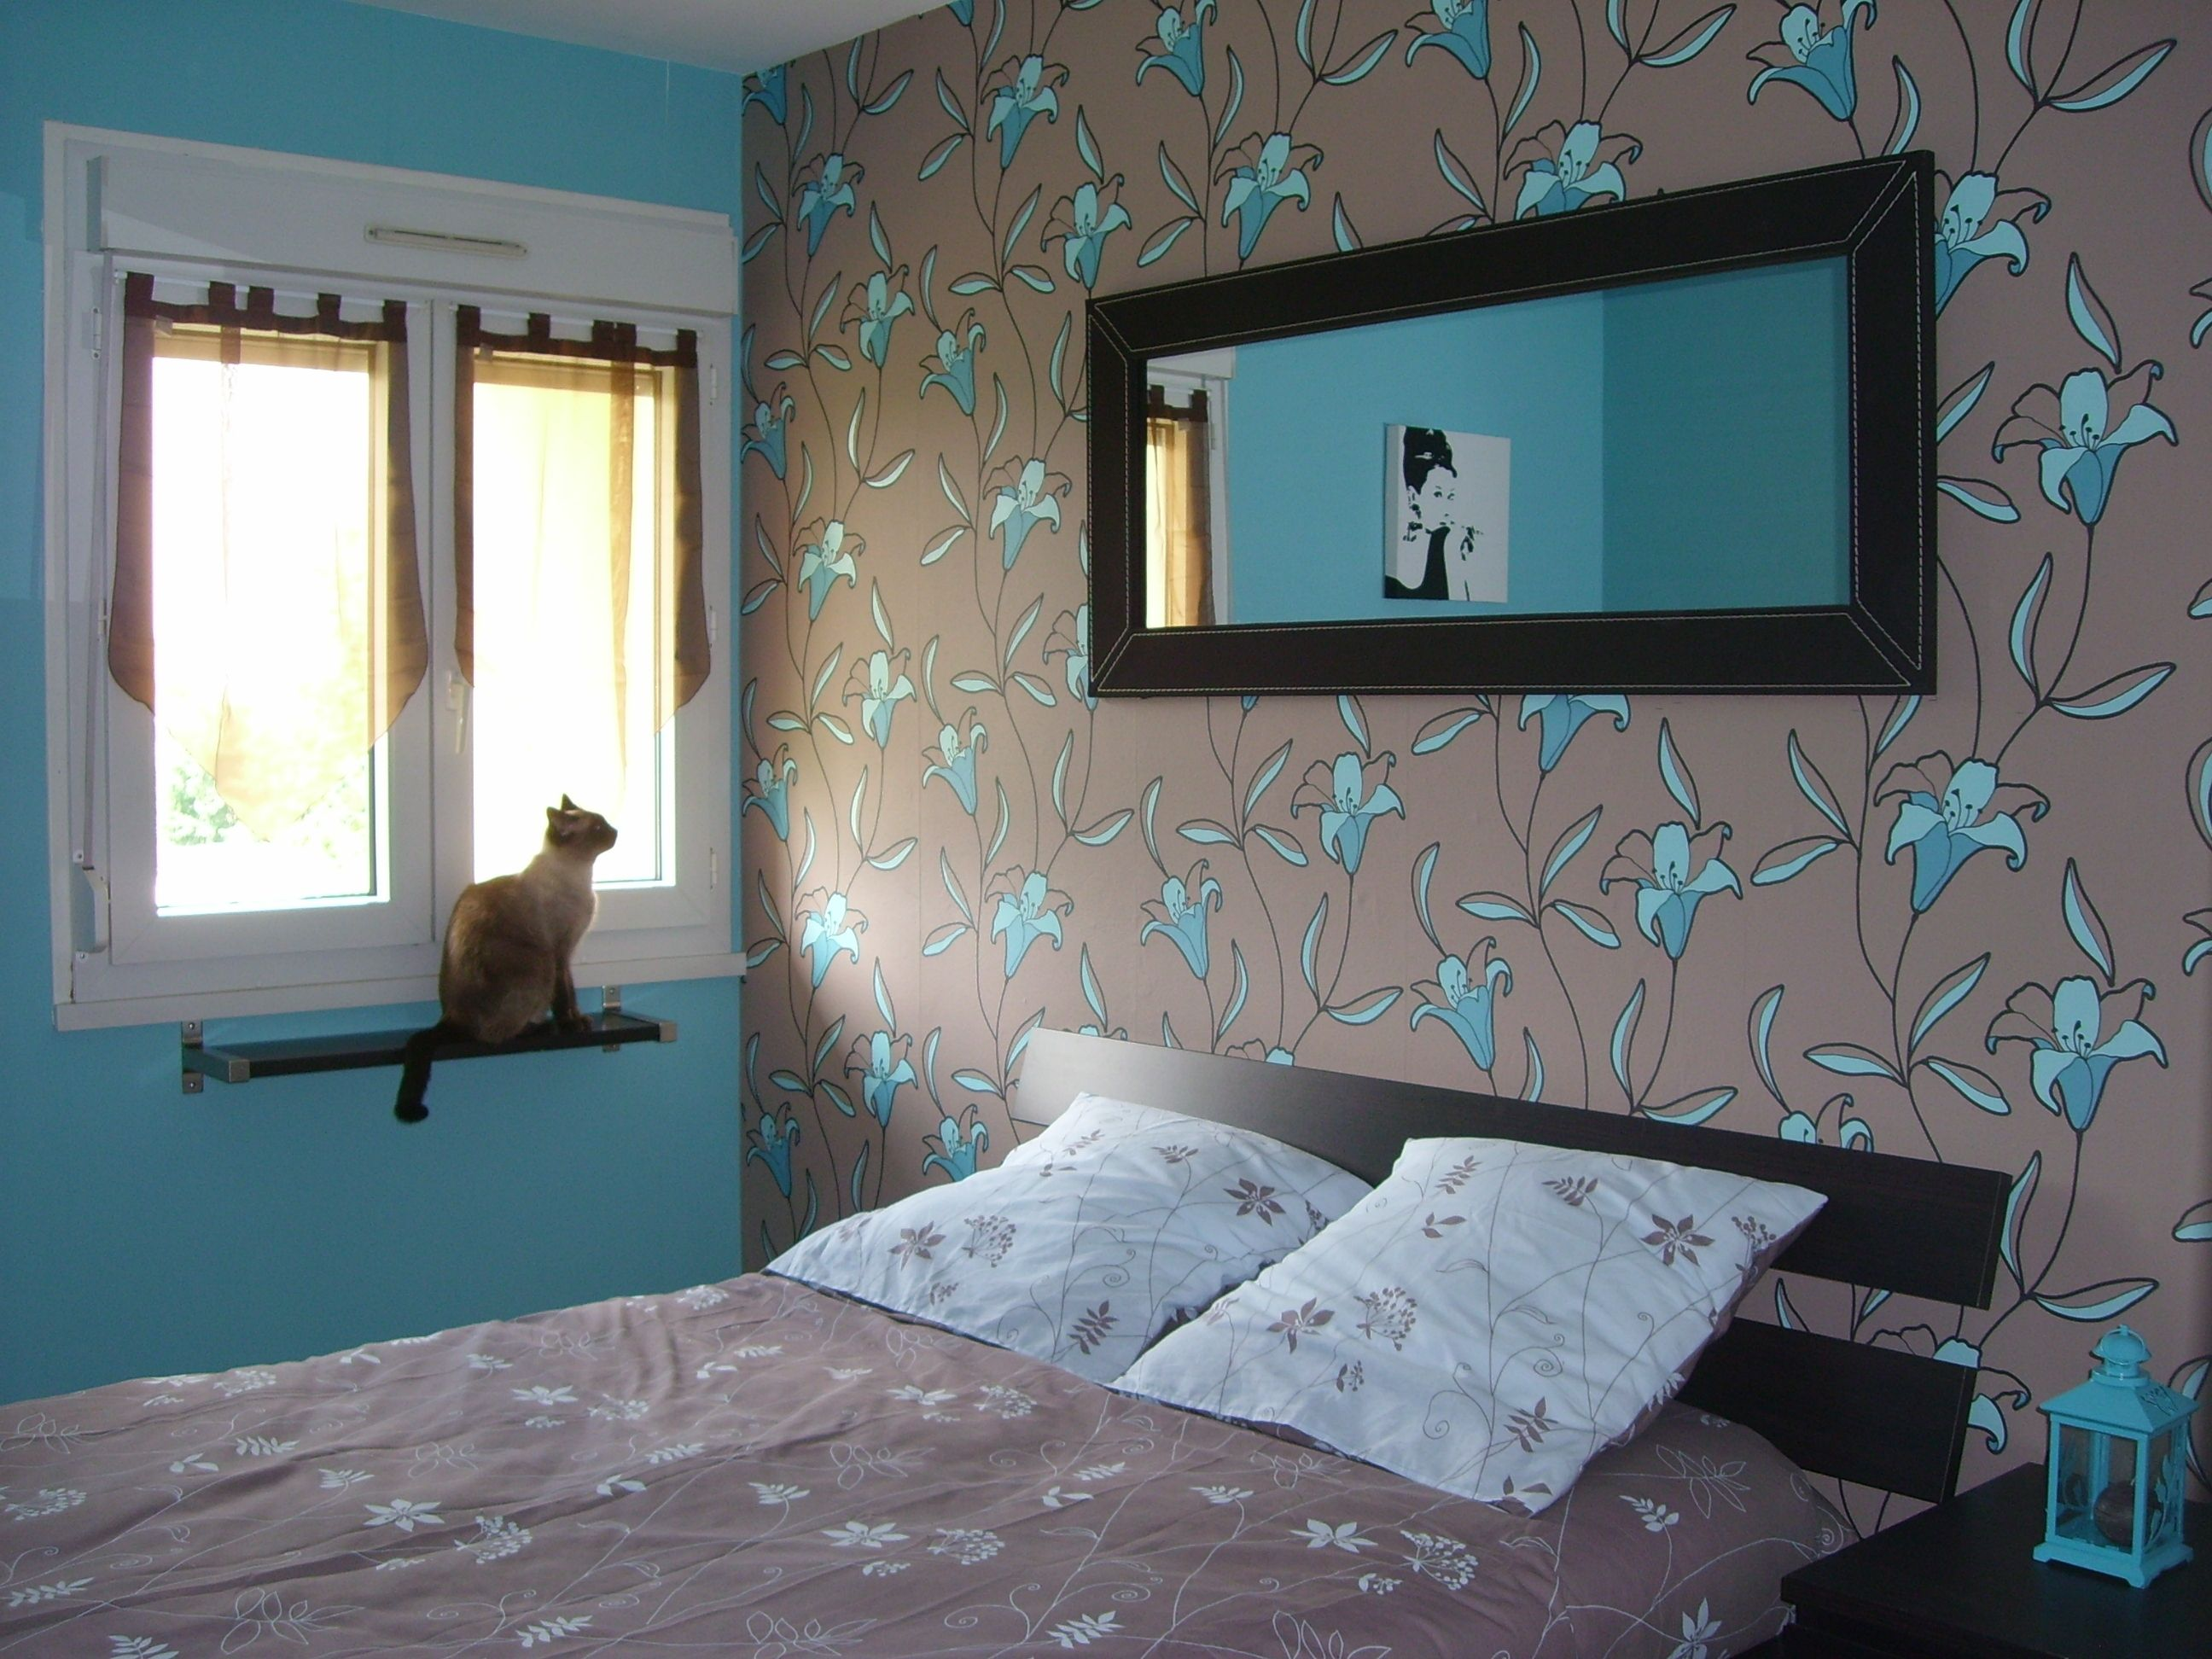 Déco inTérieur BLeu et Gris | chambre (photo 1/1) - chambre ...